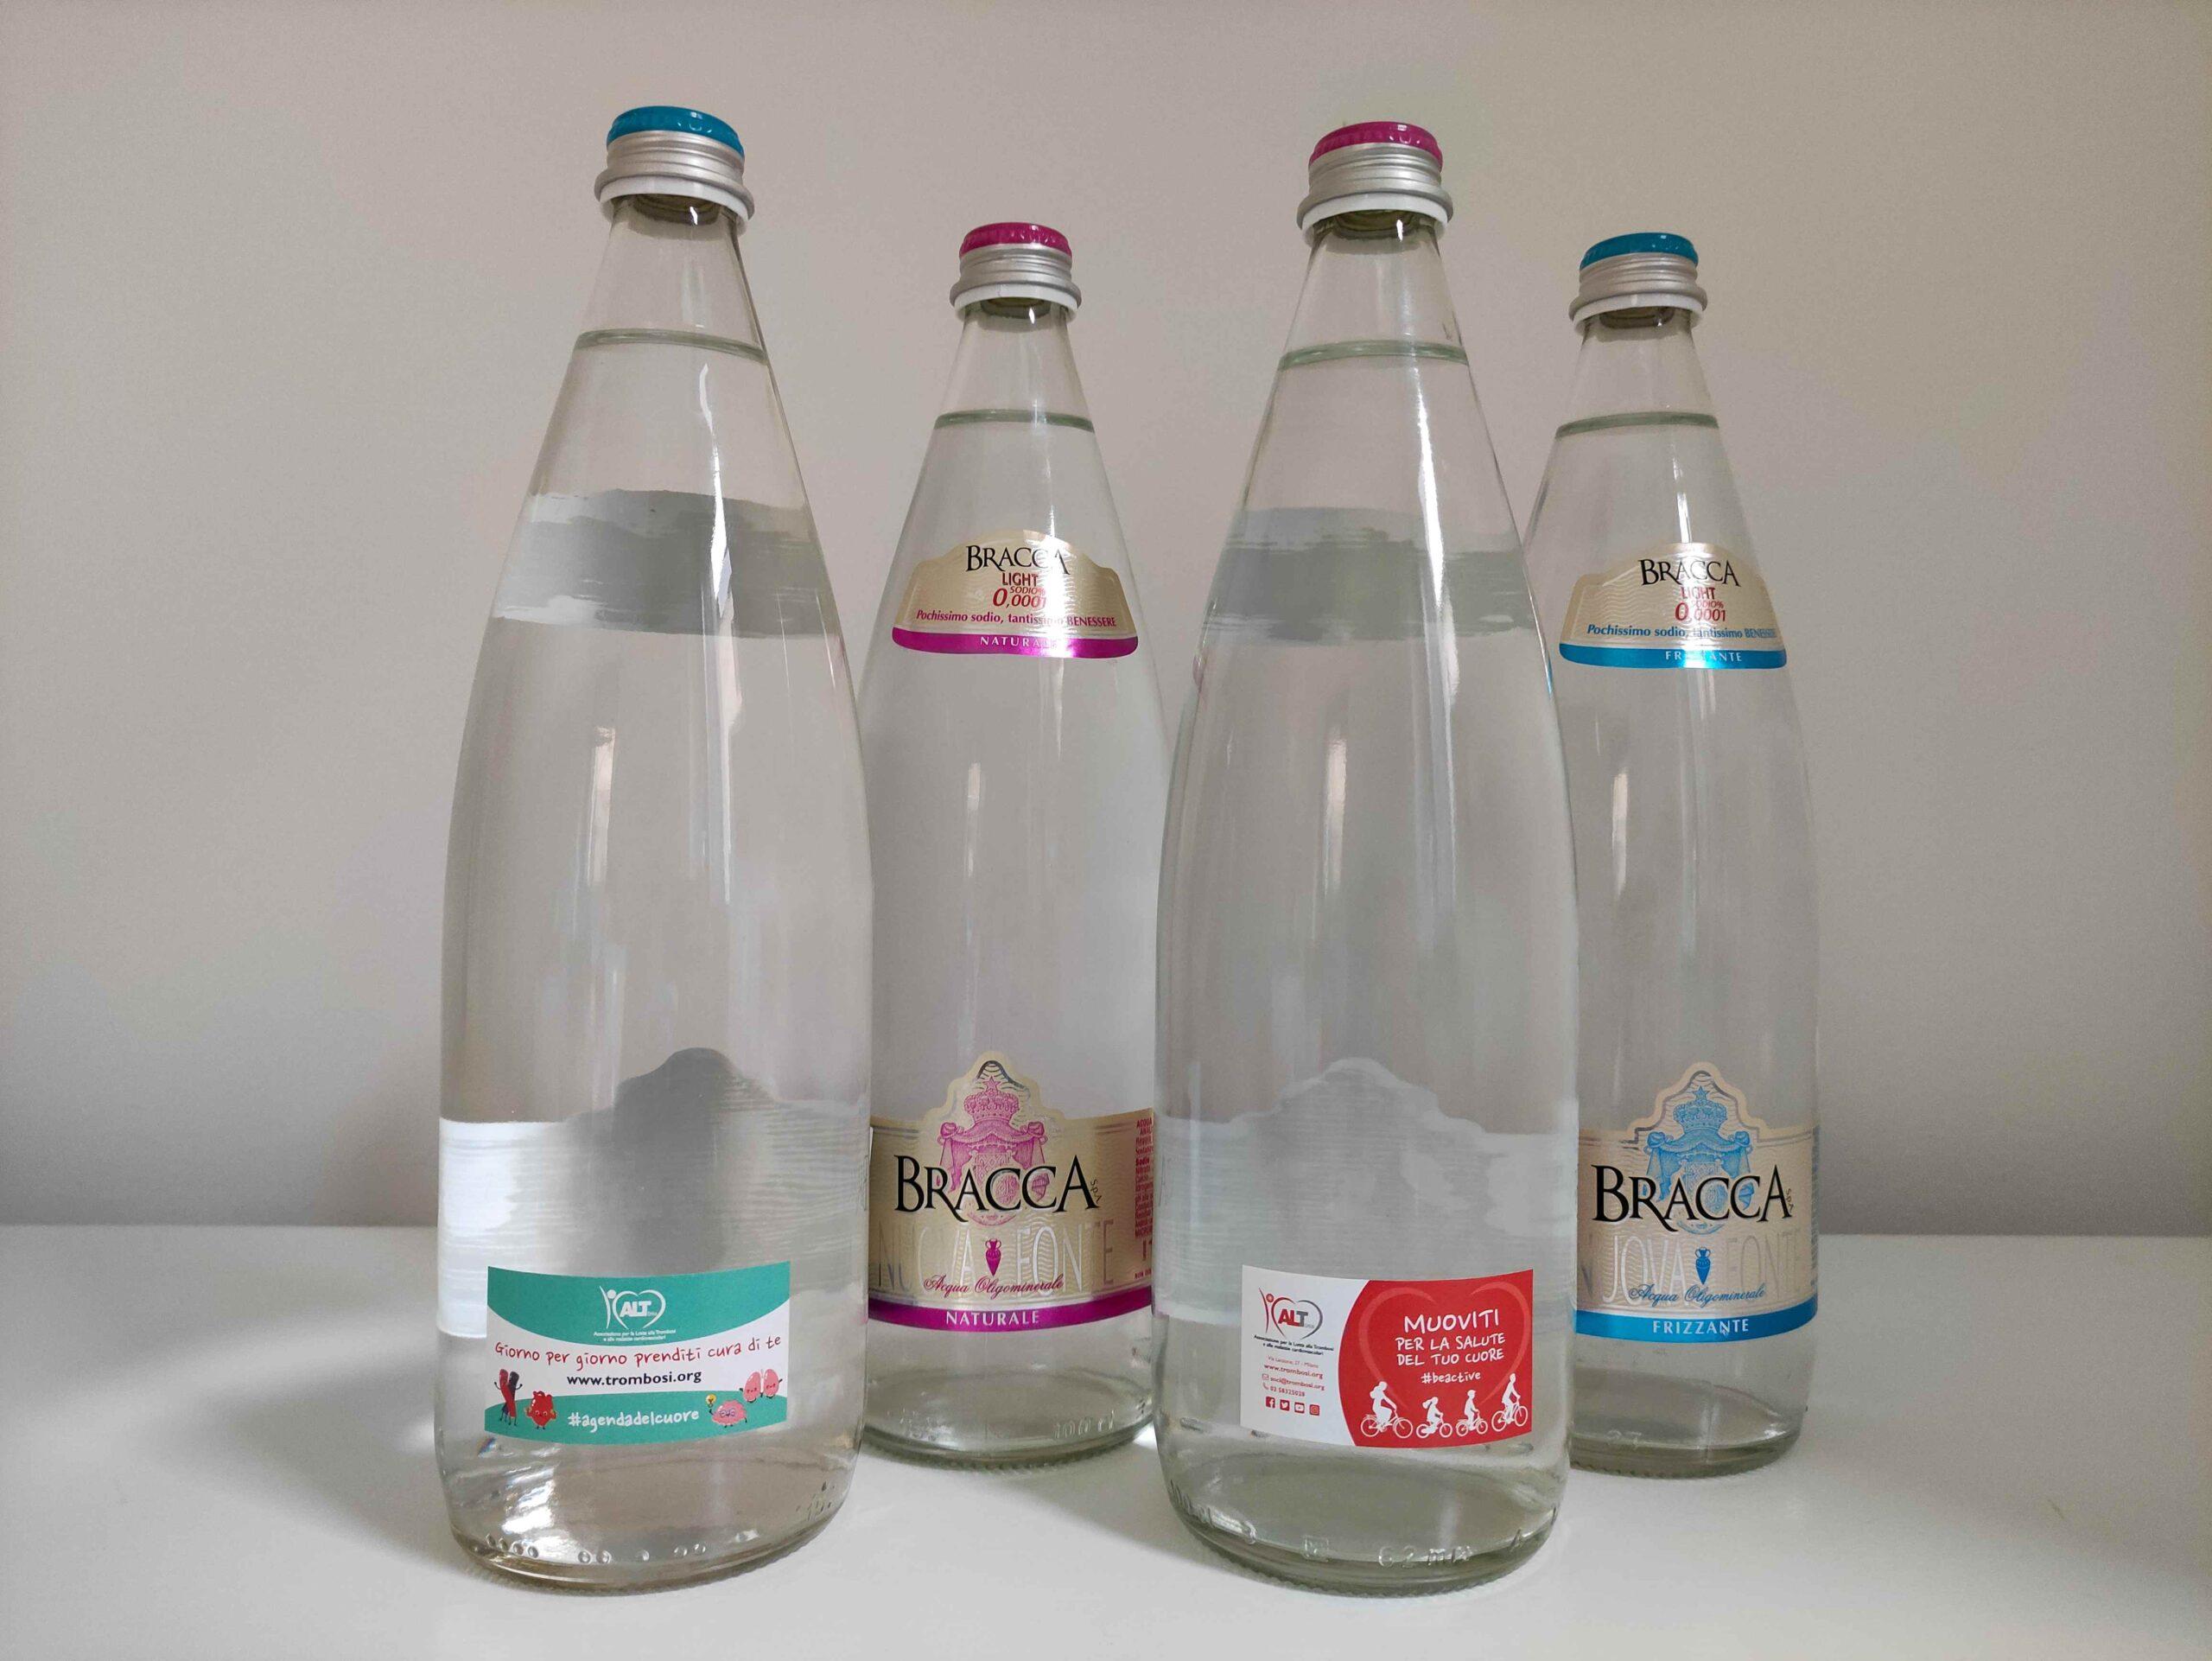 Salute, cultura e ambiente: messaggi positivi sulle bottiglie di Bracca acque minerali